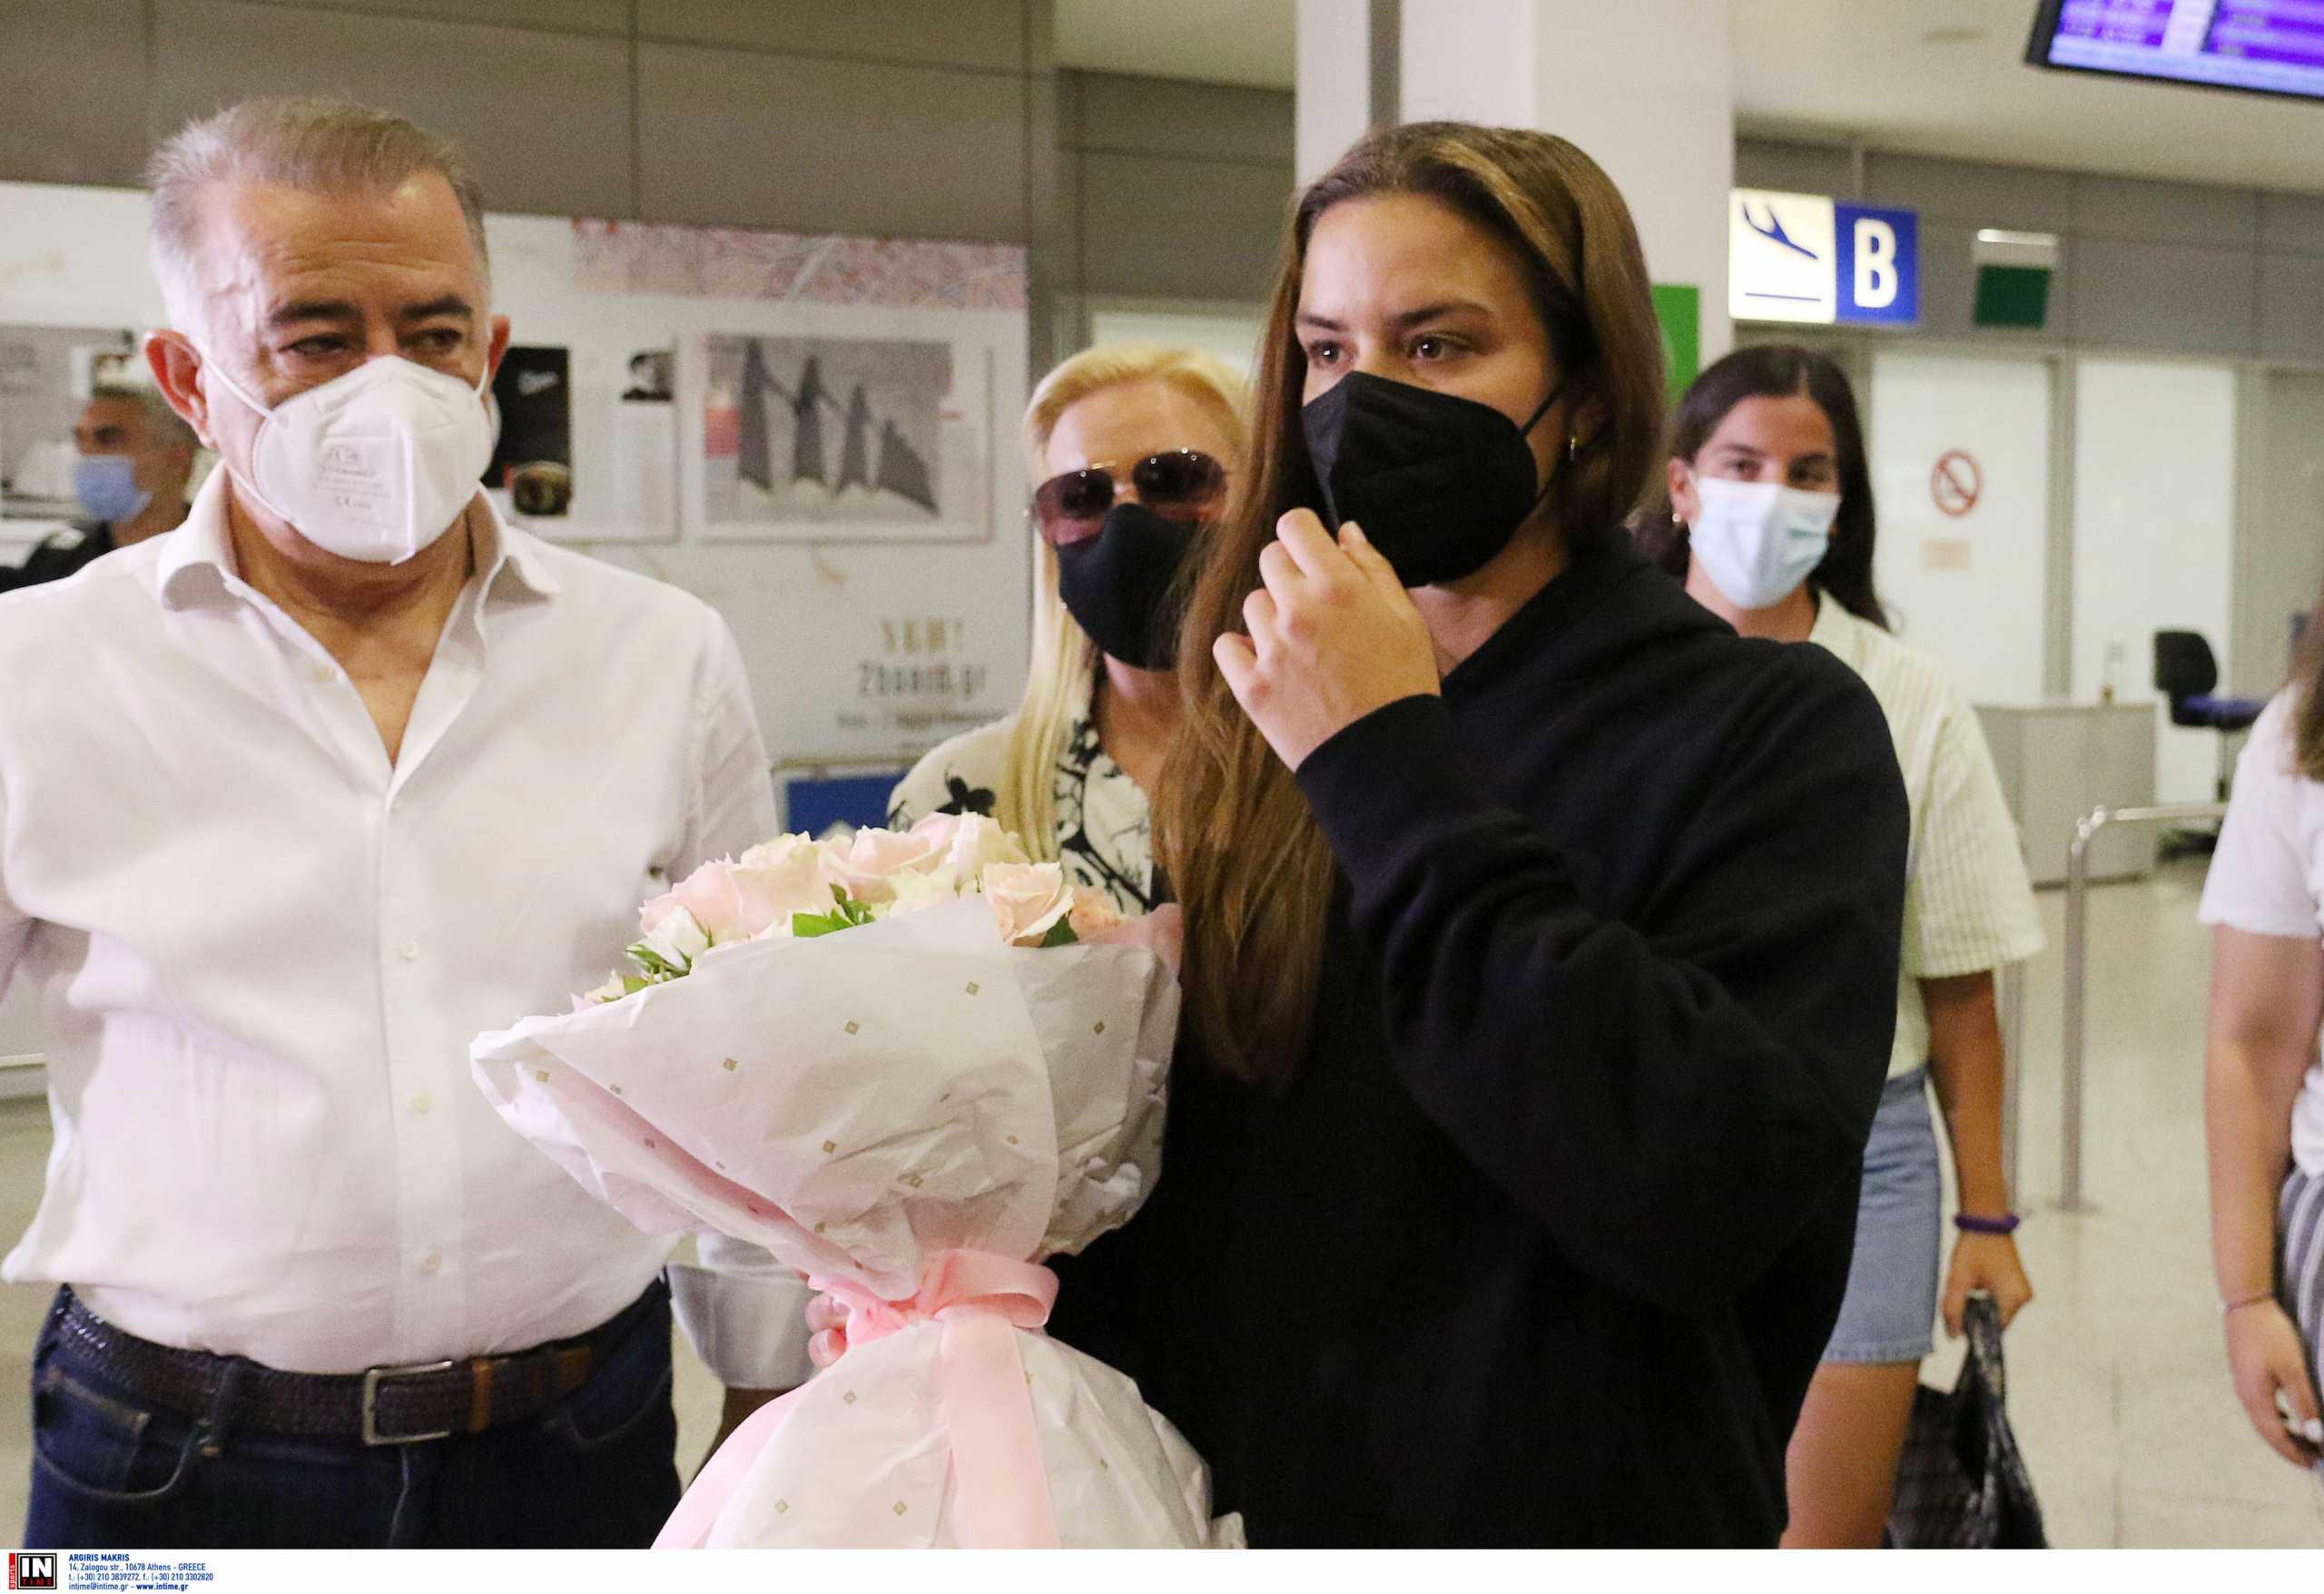 Μαρία Σάκκαρη: Η επιστροφή της στην Ελλάδα και η θερμή υποδοχή